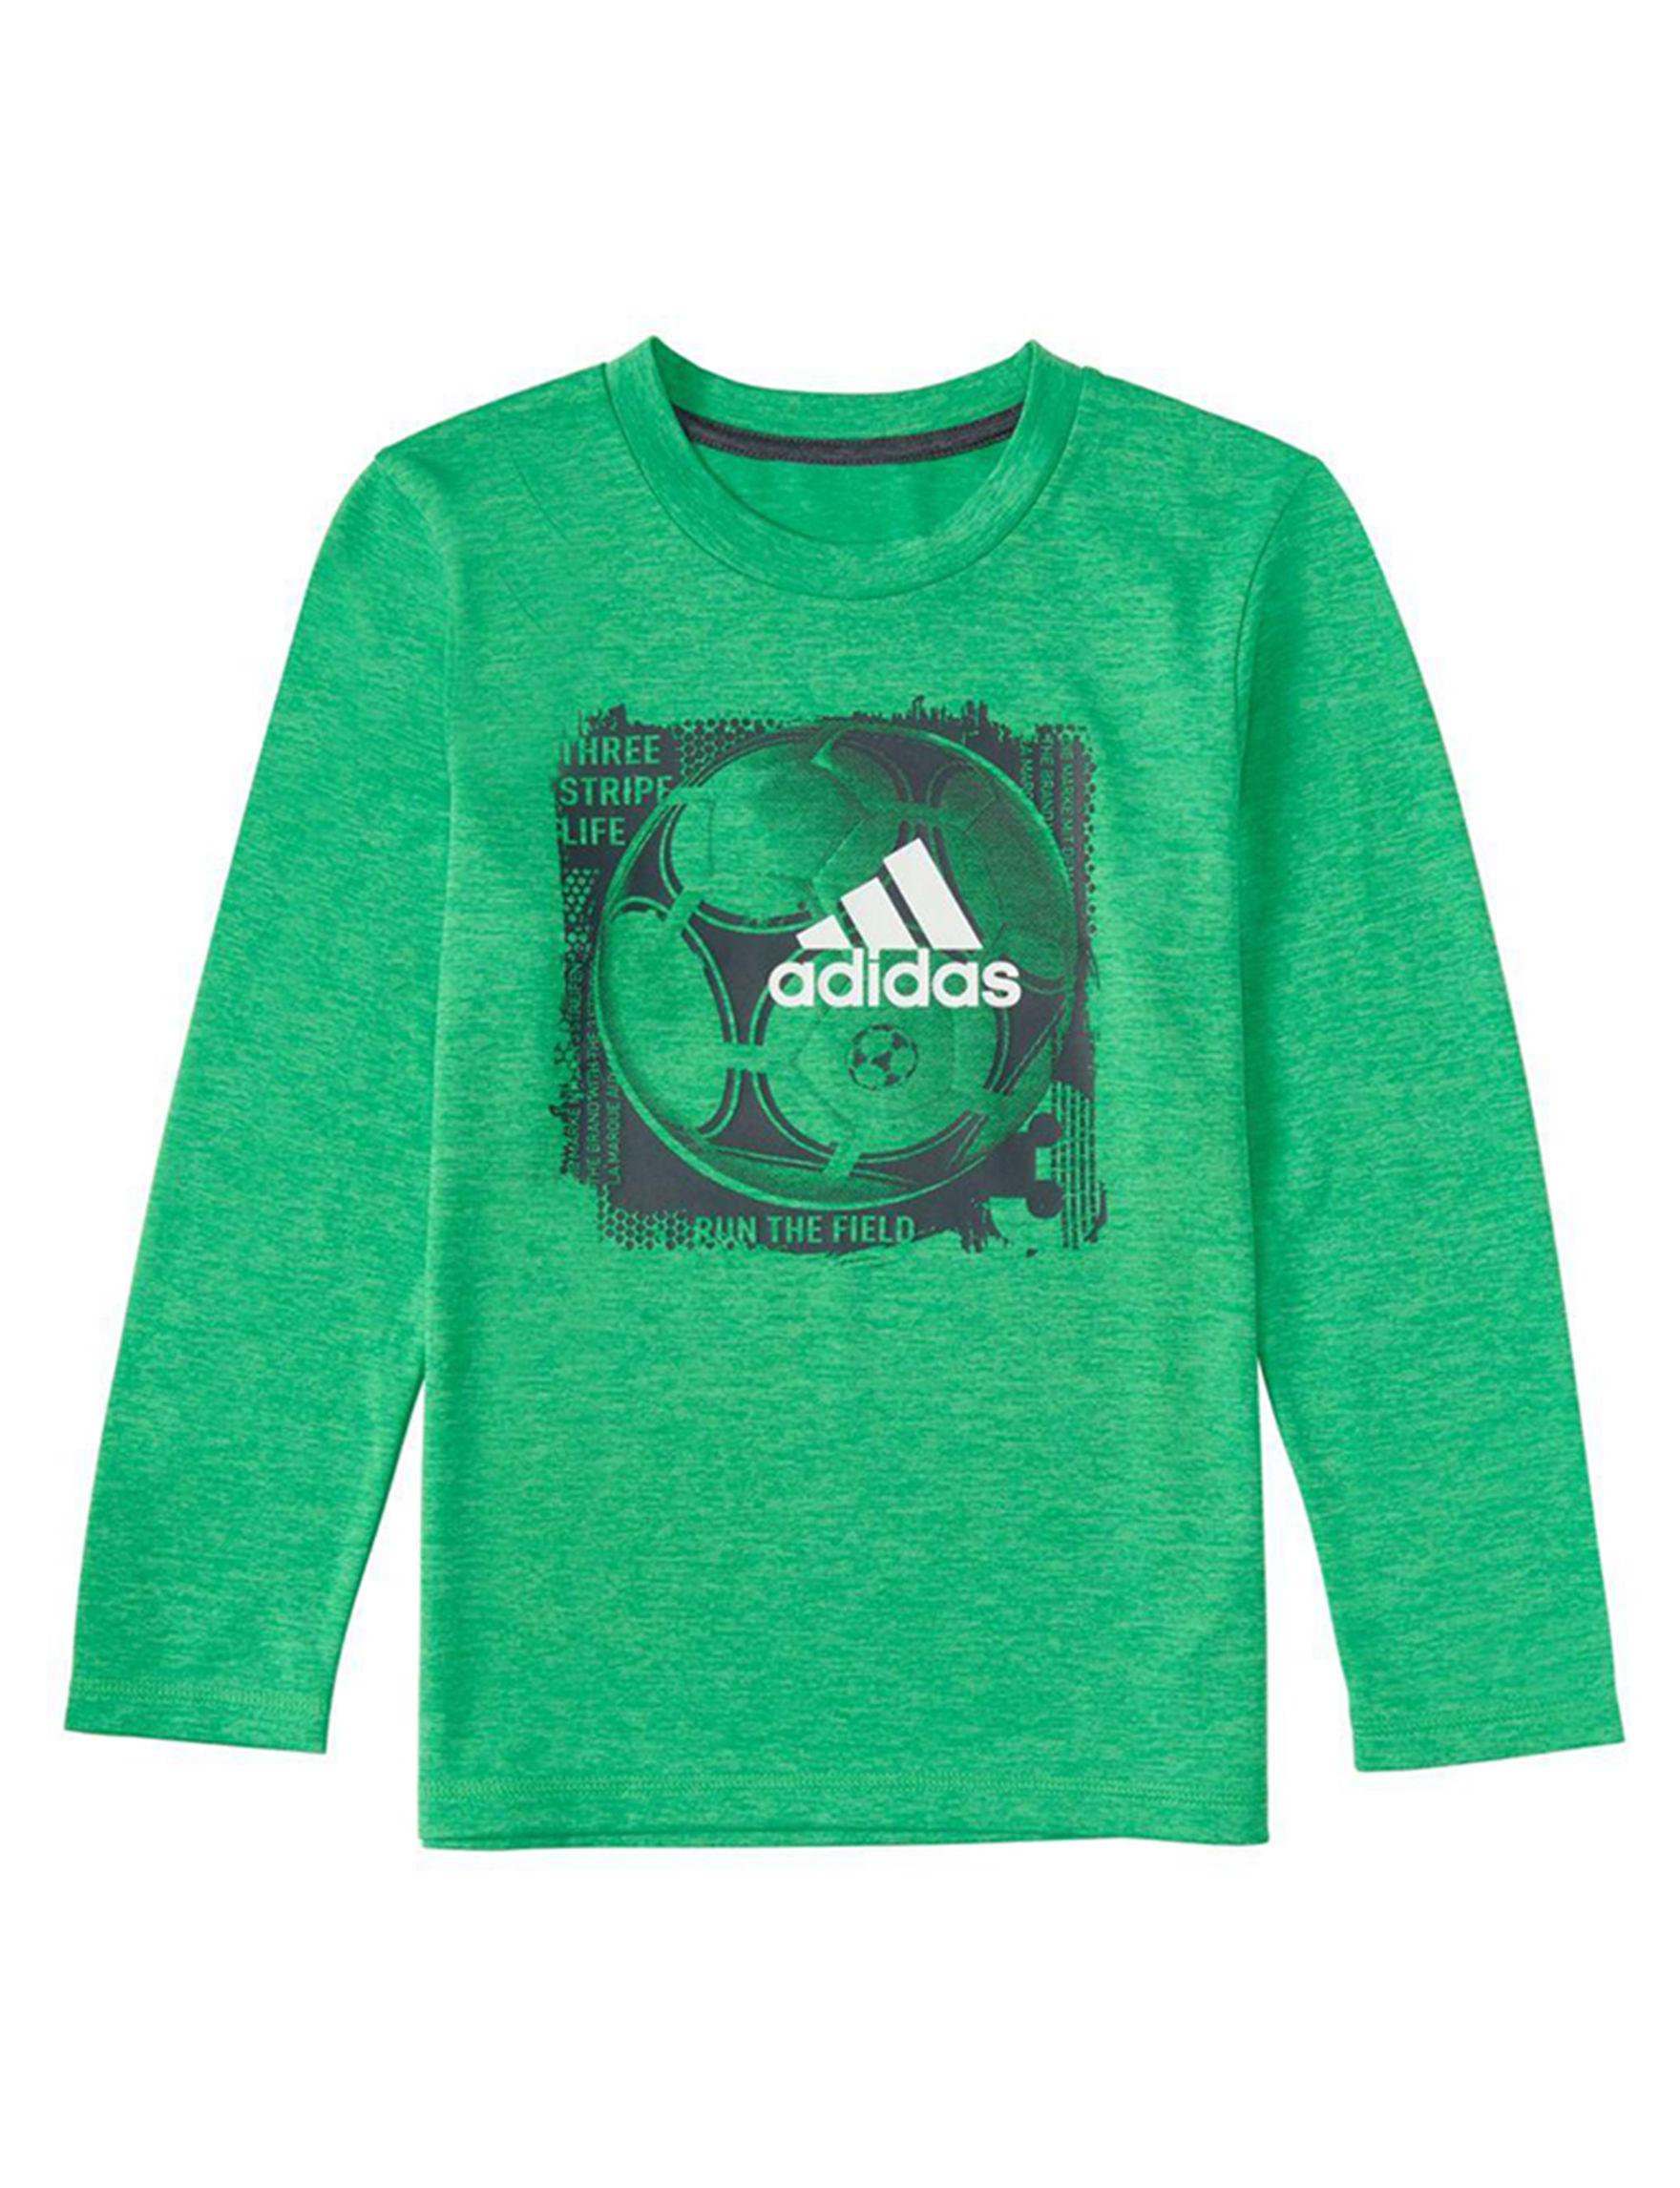 Adidas Green Tees & Tanks